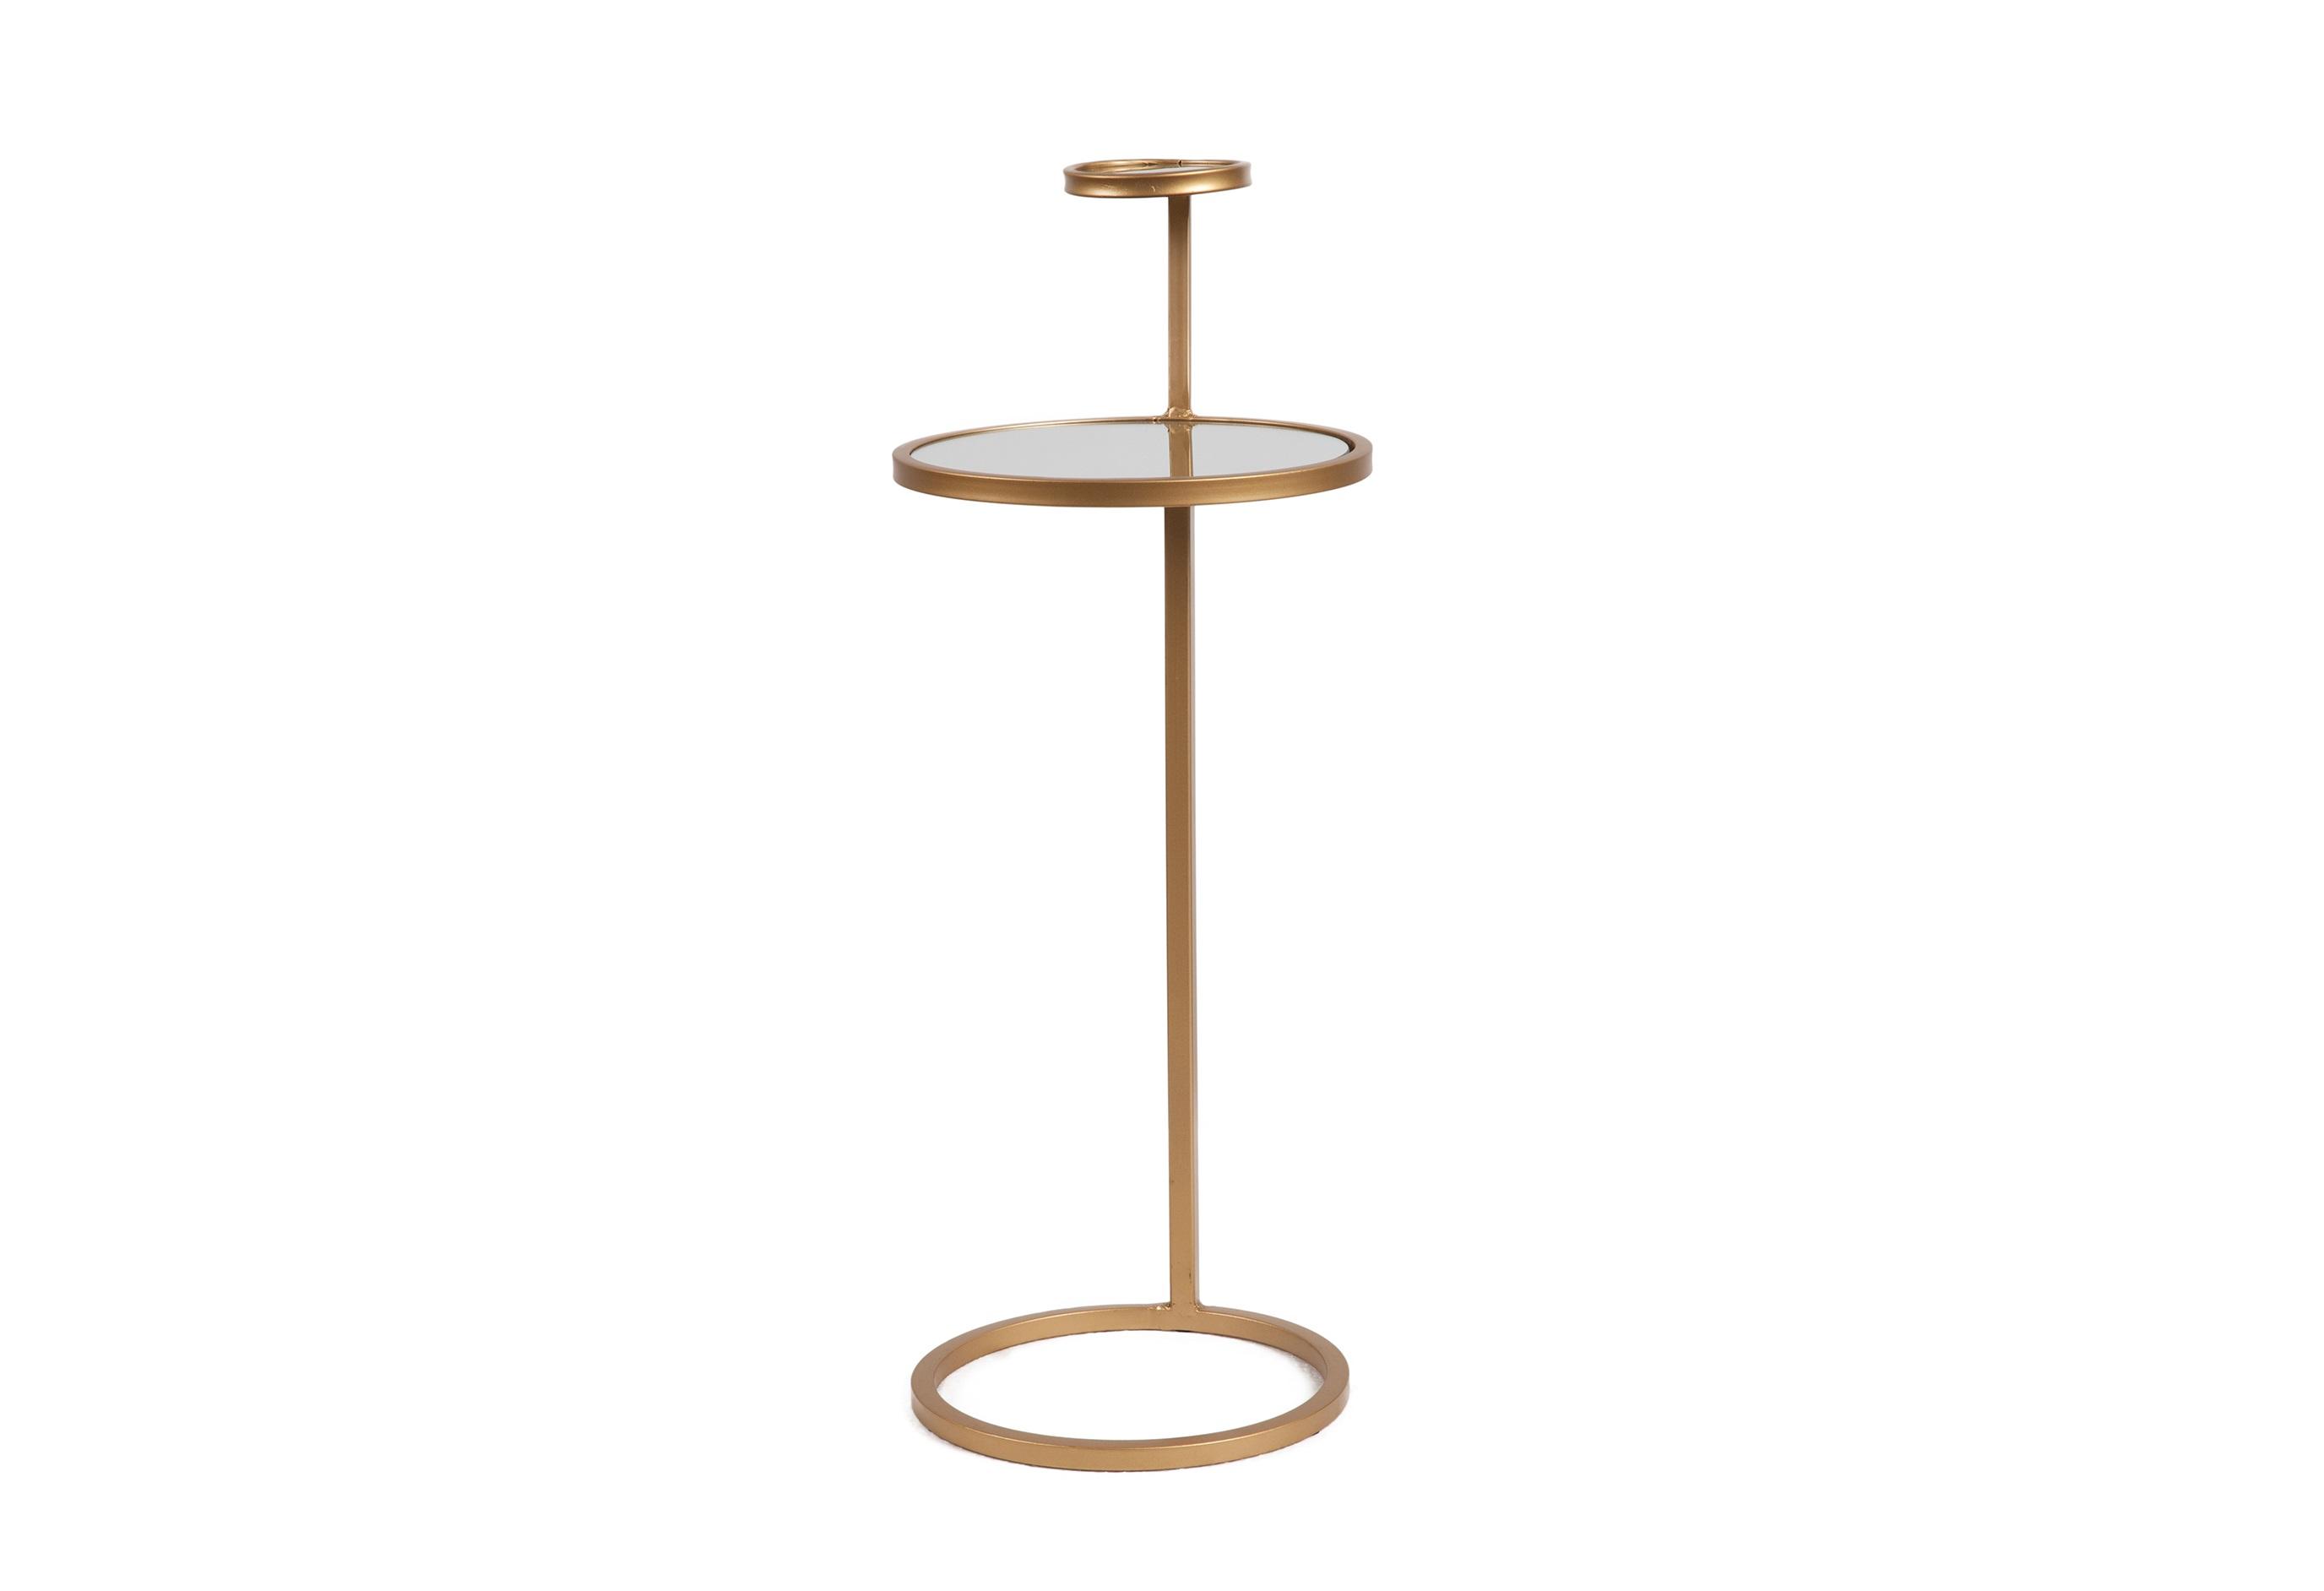 Кофейный столик JuliaКофейные столики<br><br><br>Material: Металл<br>Length см: None<br>Width см: None<br>Height см: 71<br>Diameter см: 27